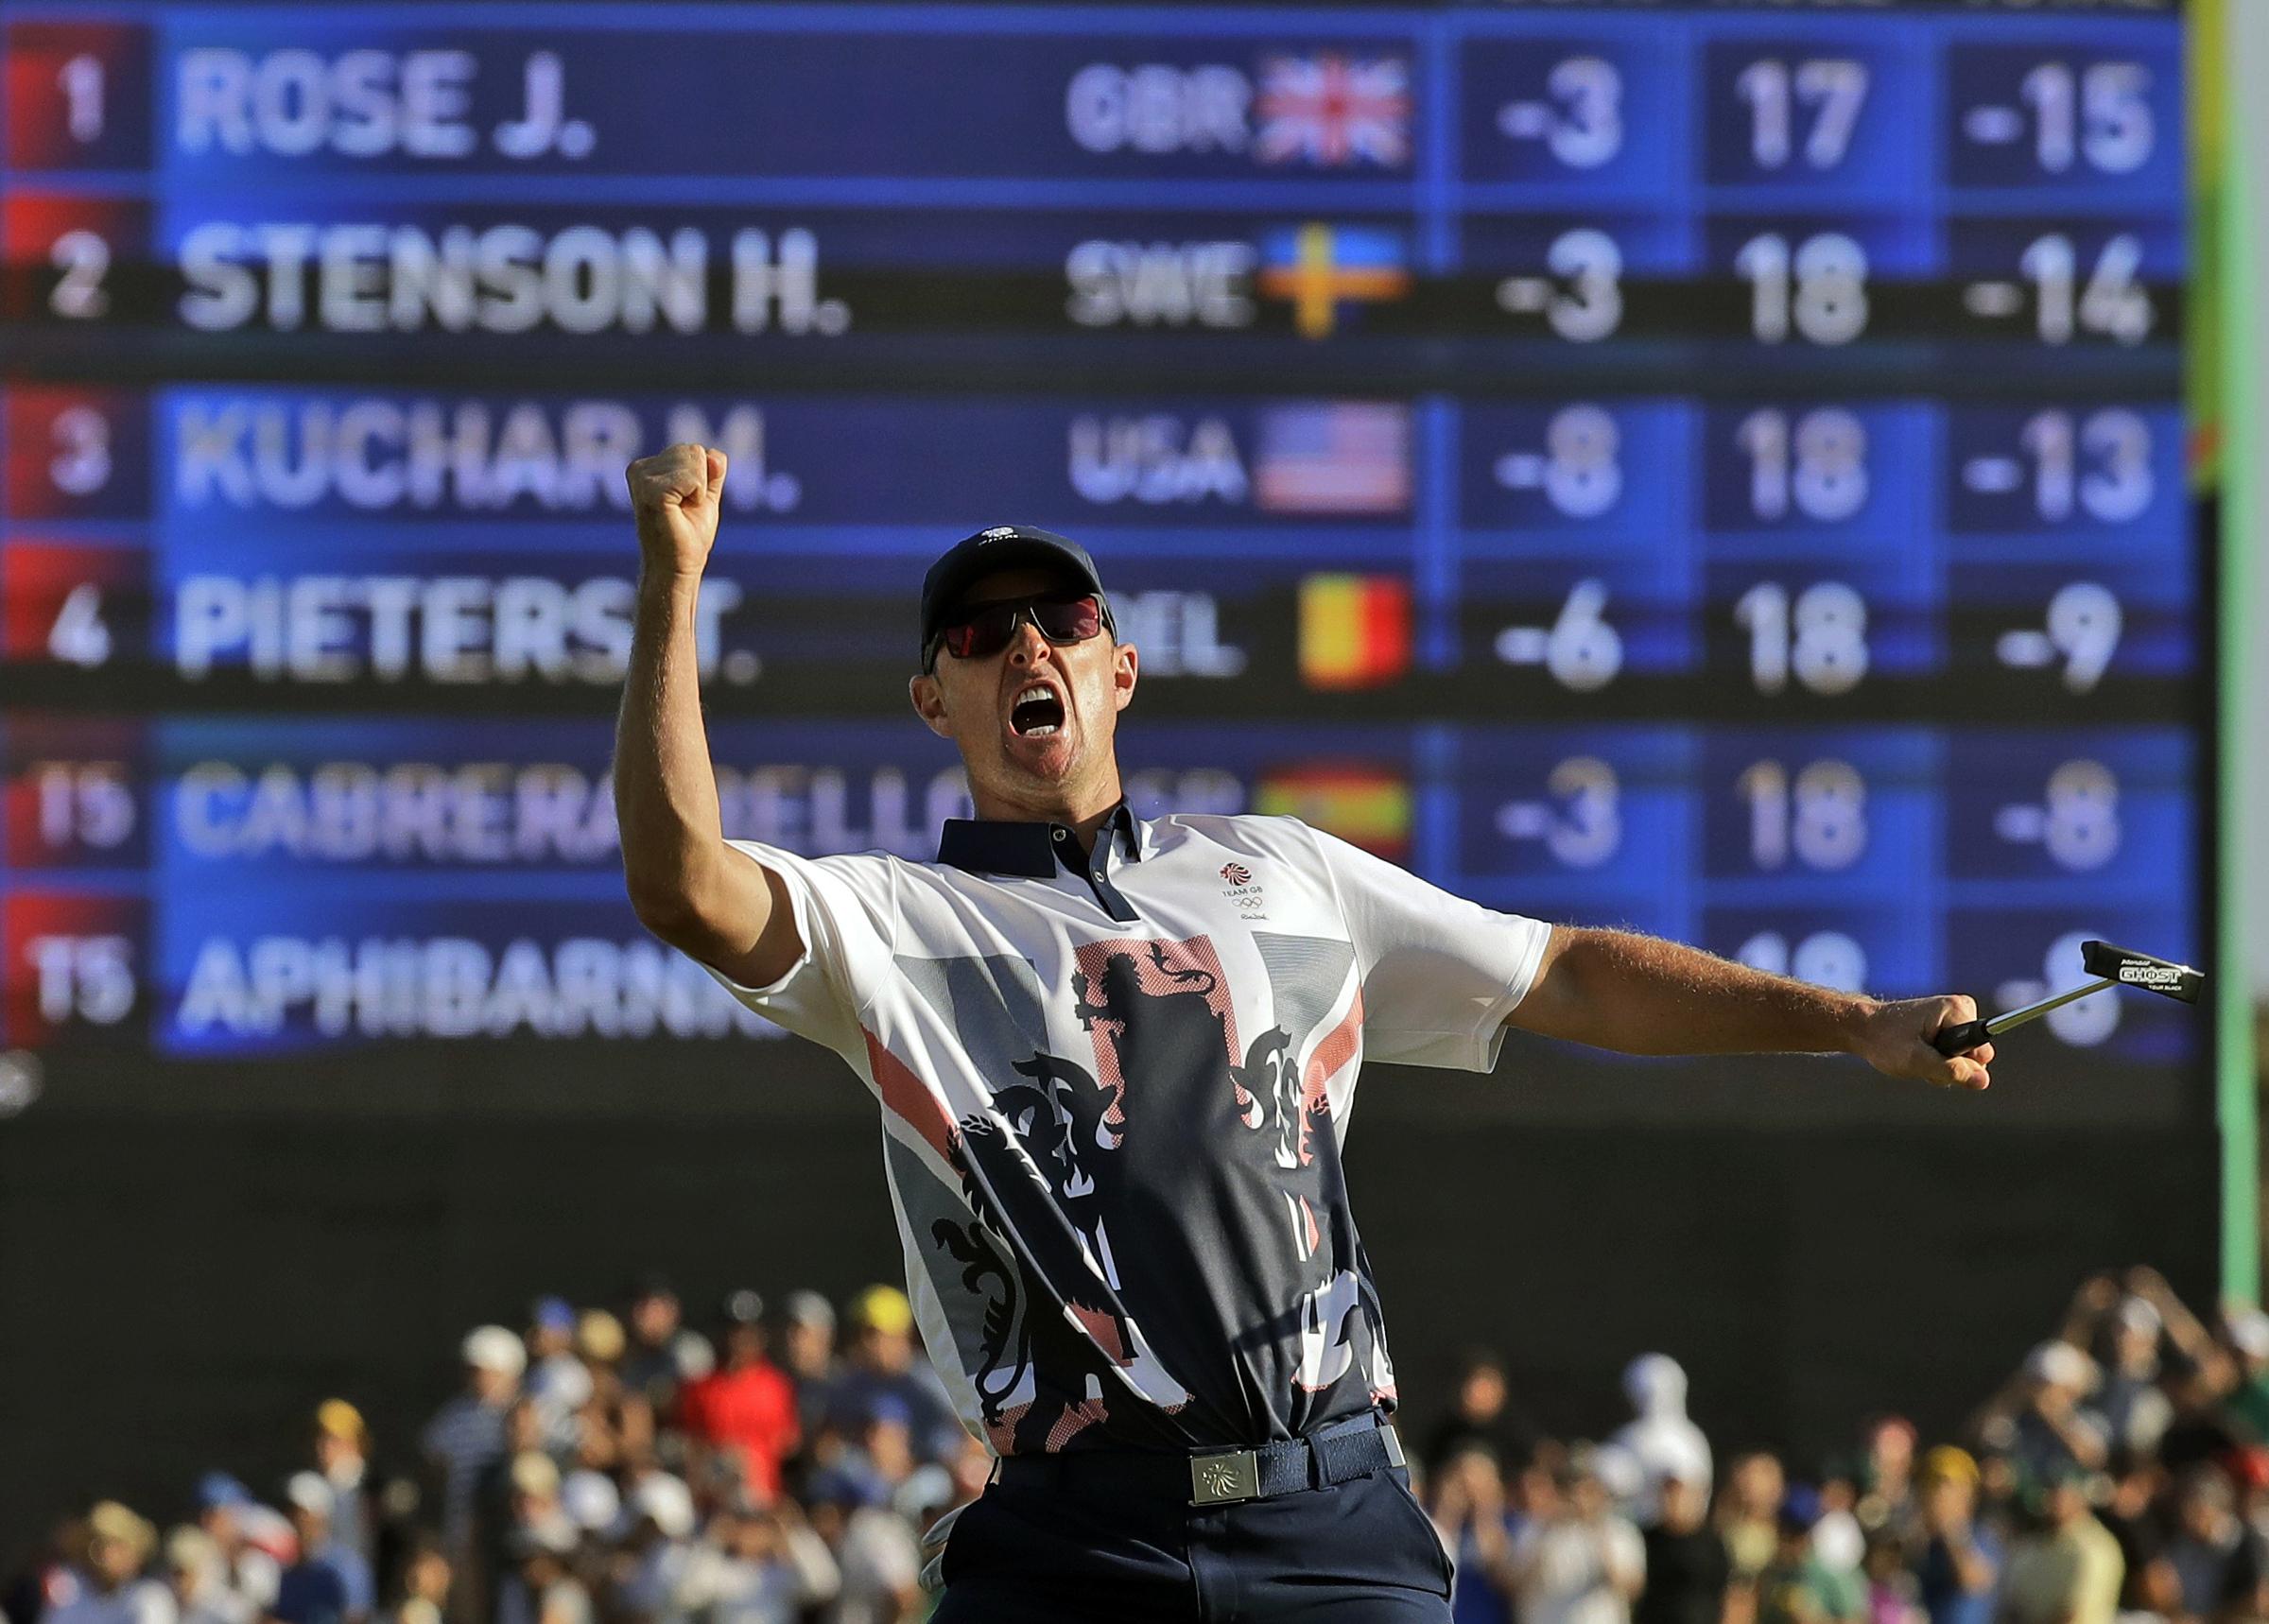 Justin Rose phấn khích khi giành HC vàng đơn nam golf ở Olympic Rio 2016. Ảnh: AP